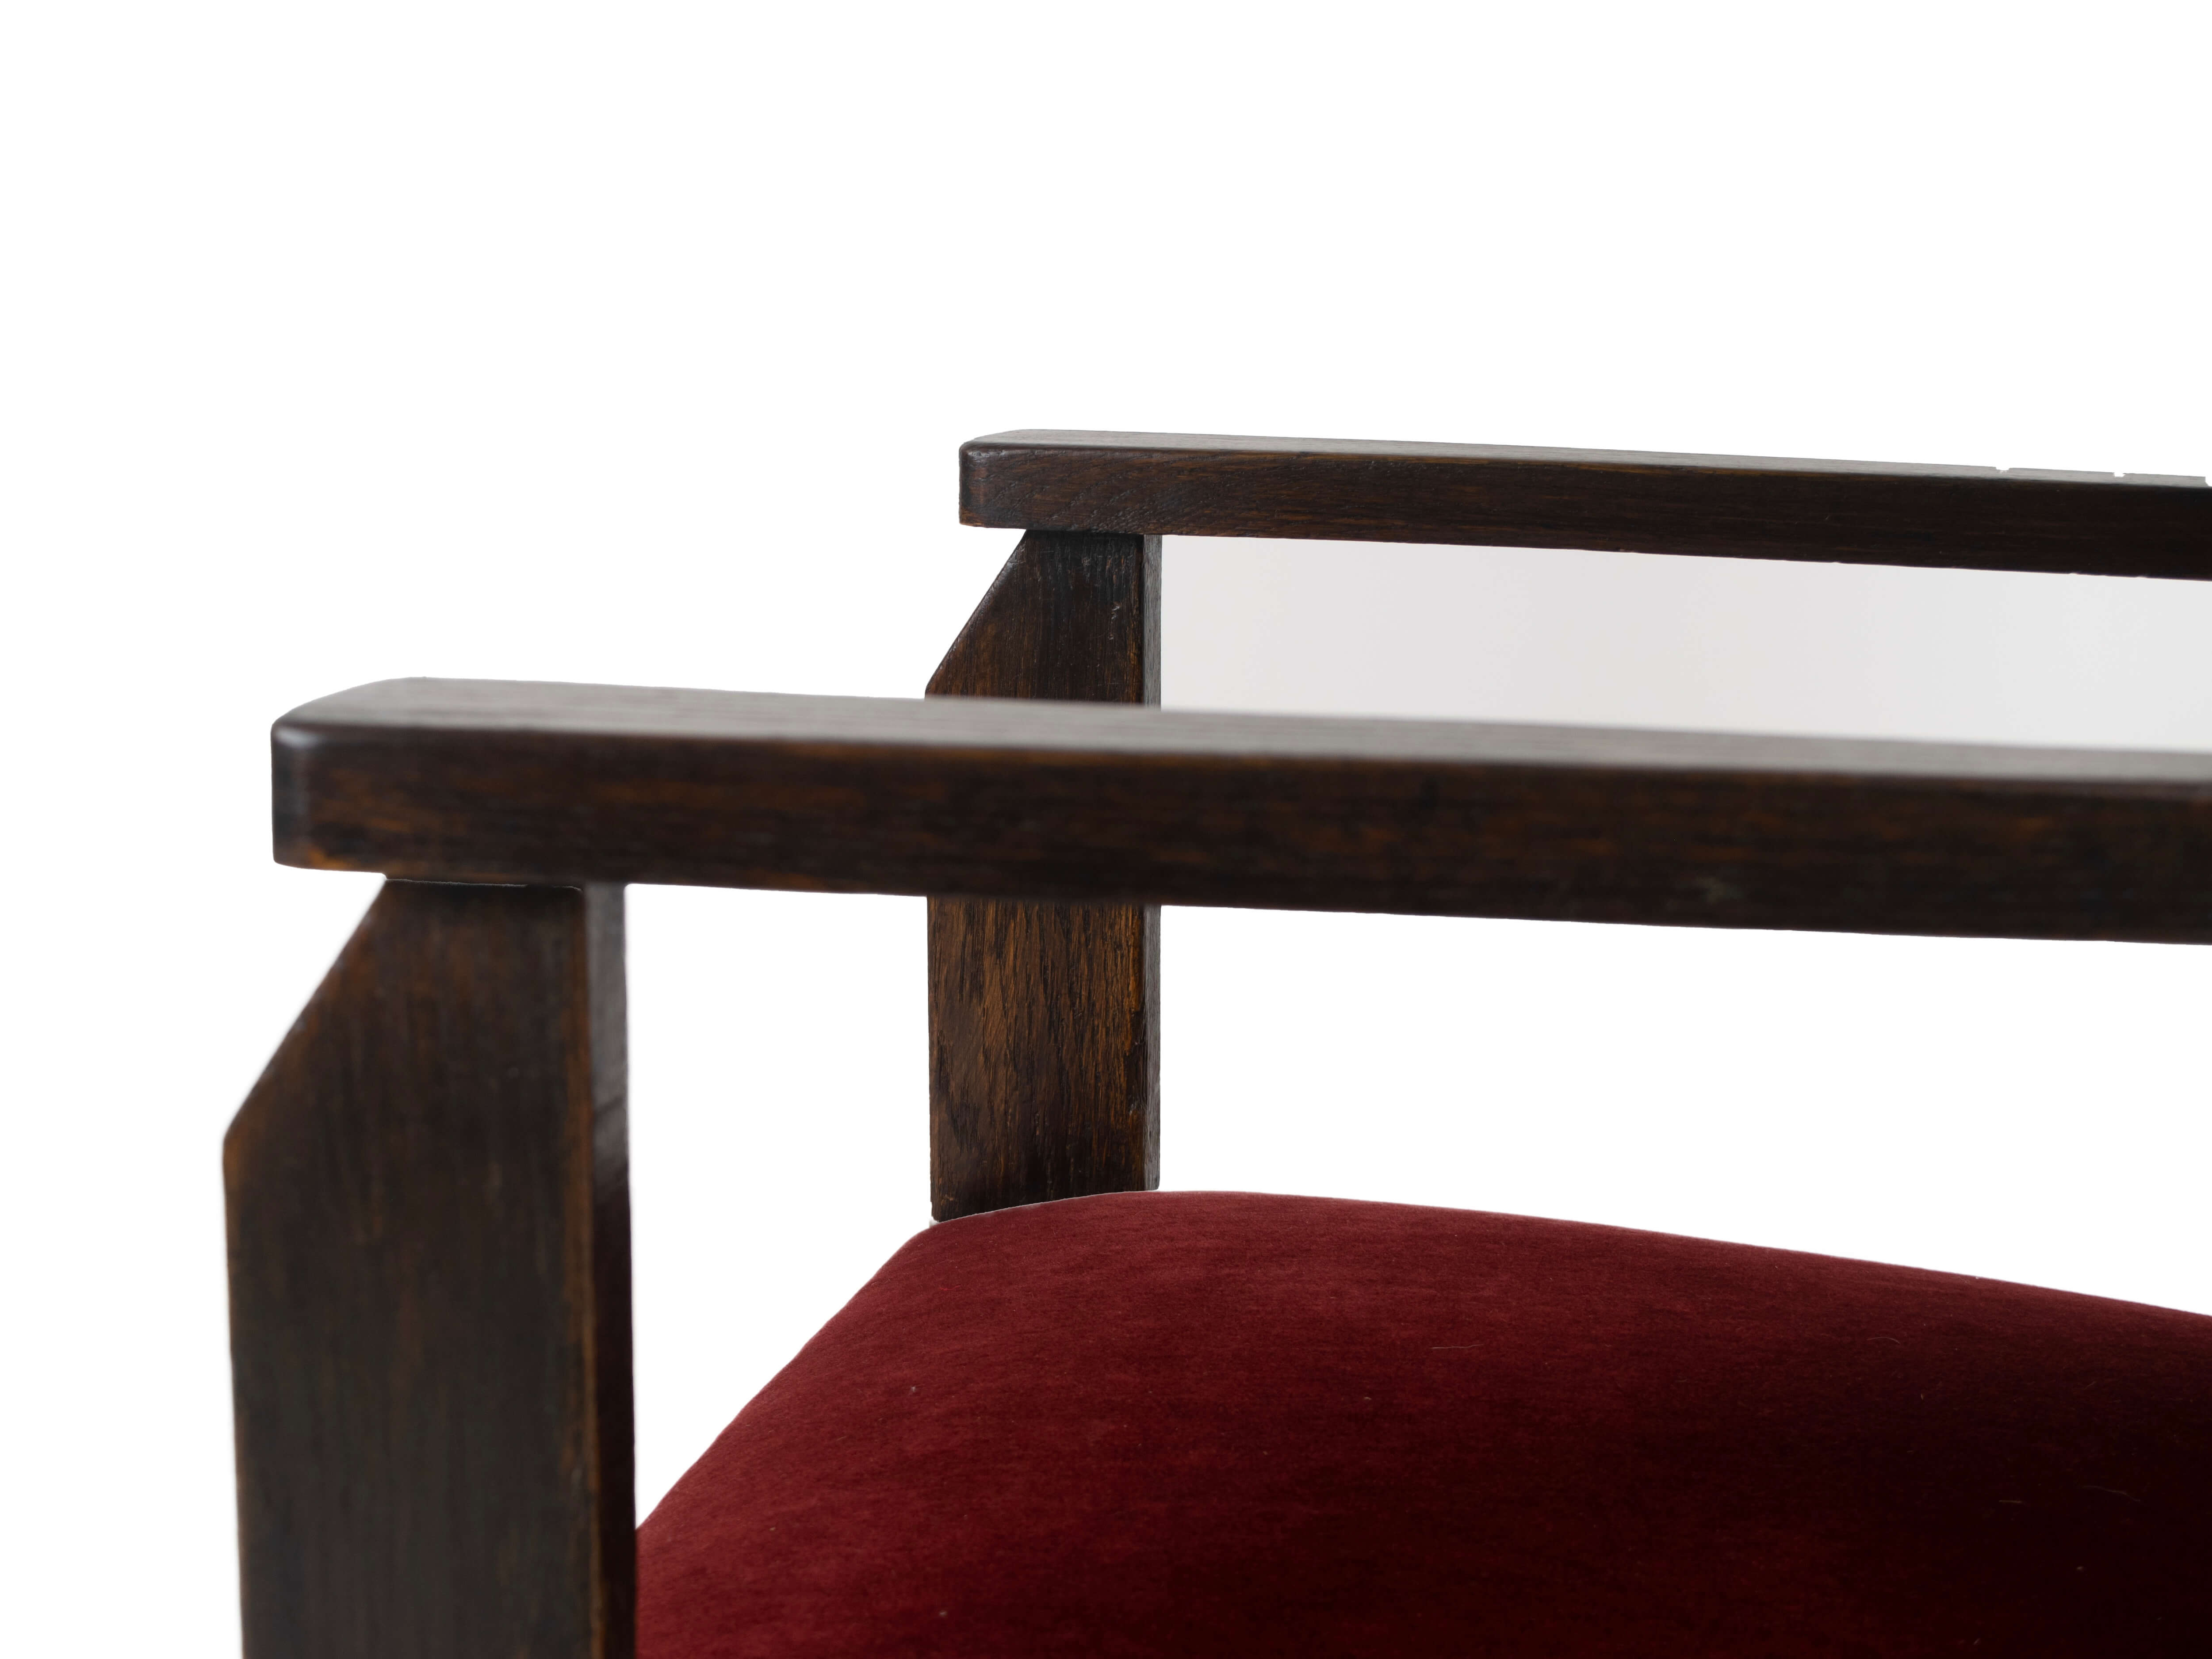 Detail Hendrik Wouda Chair